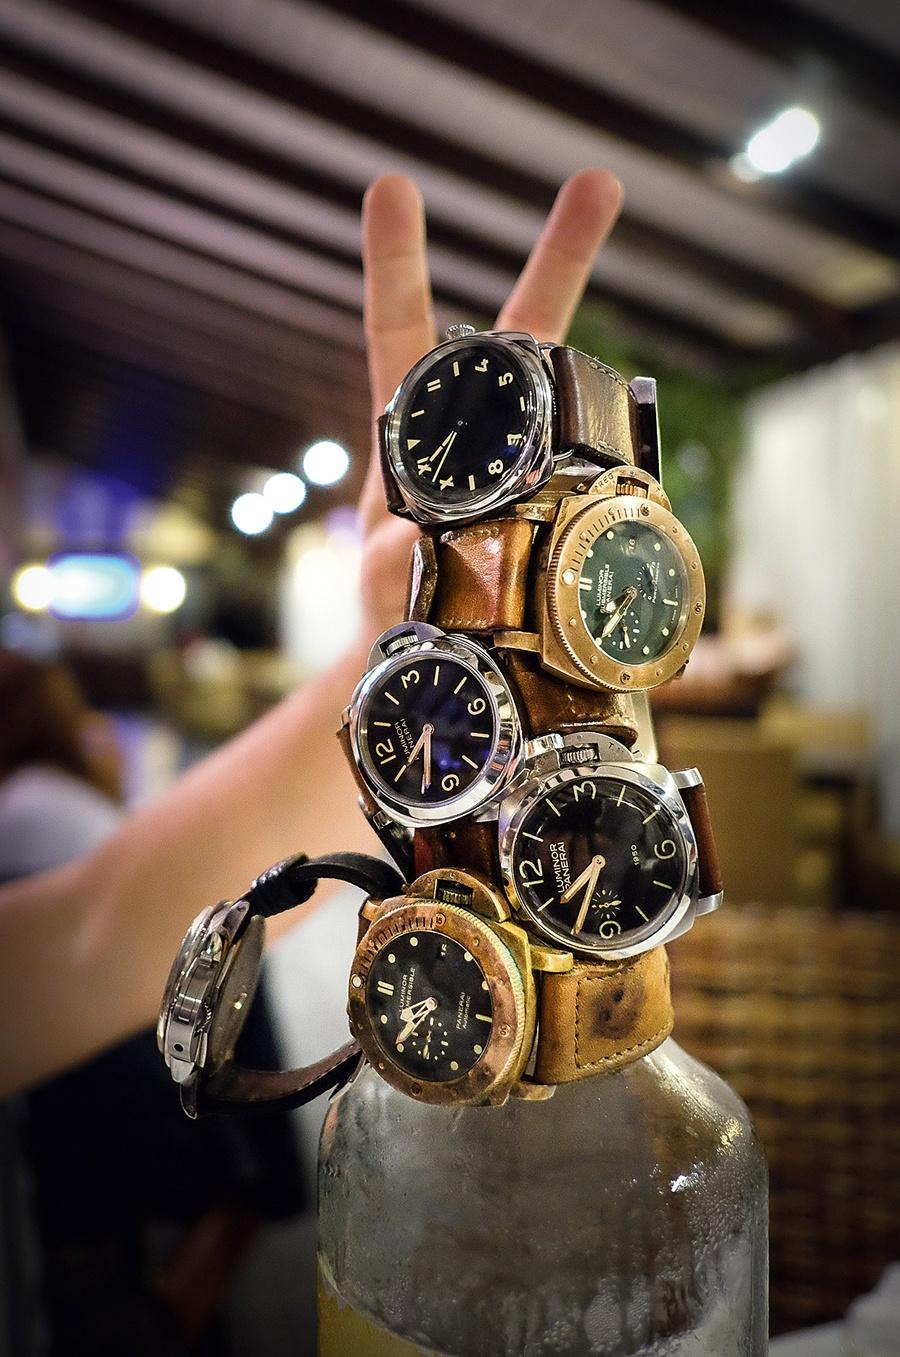 Ergebnis eines Paneristi-Treffens: Panerai-Uhren gestapelt auf einer Grappa-Flasche